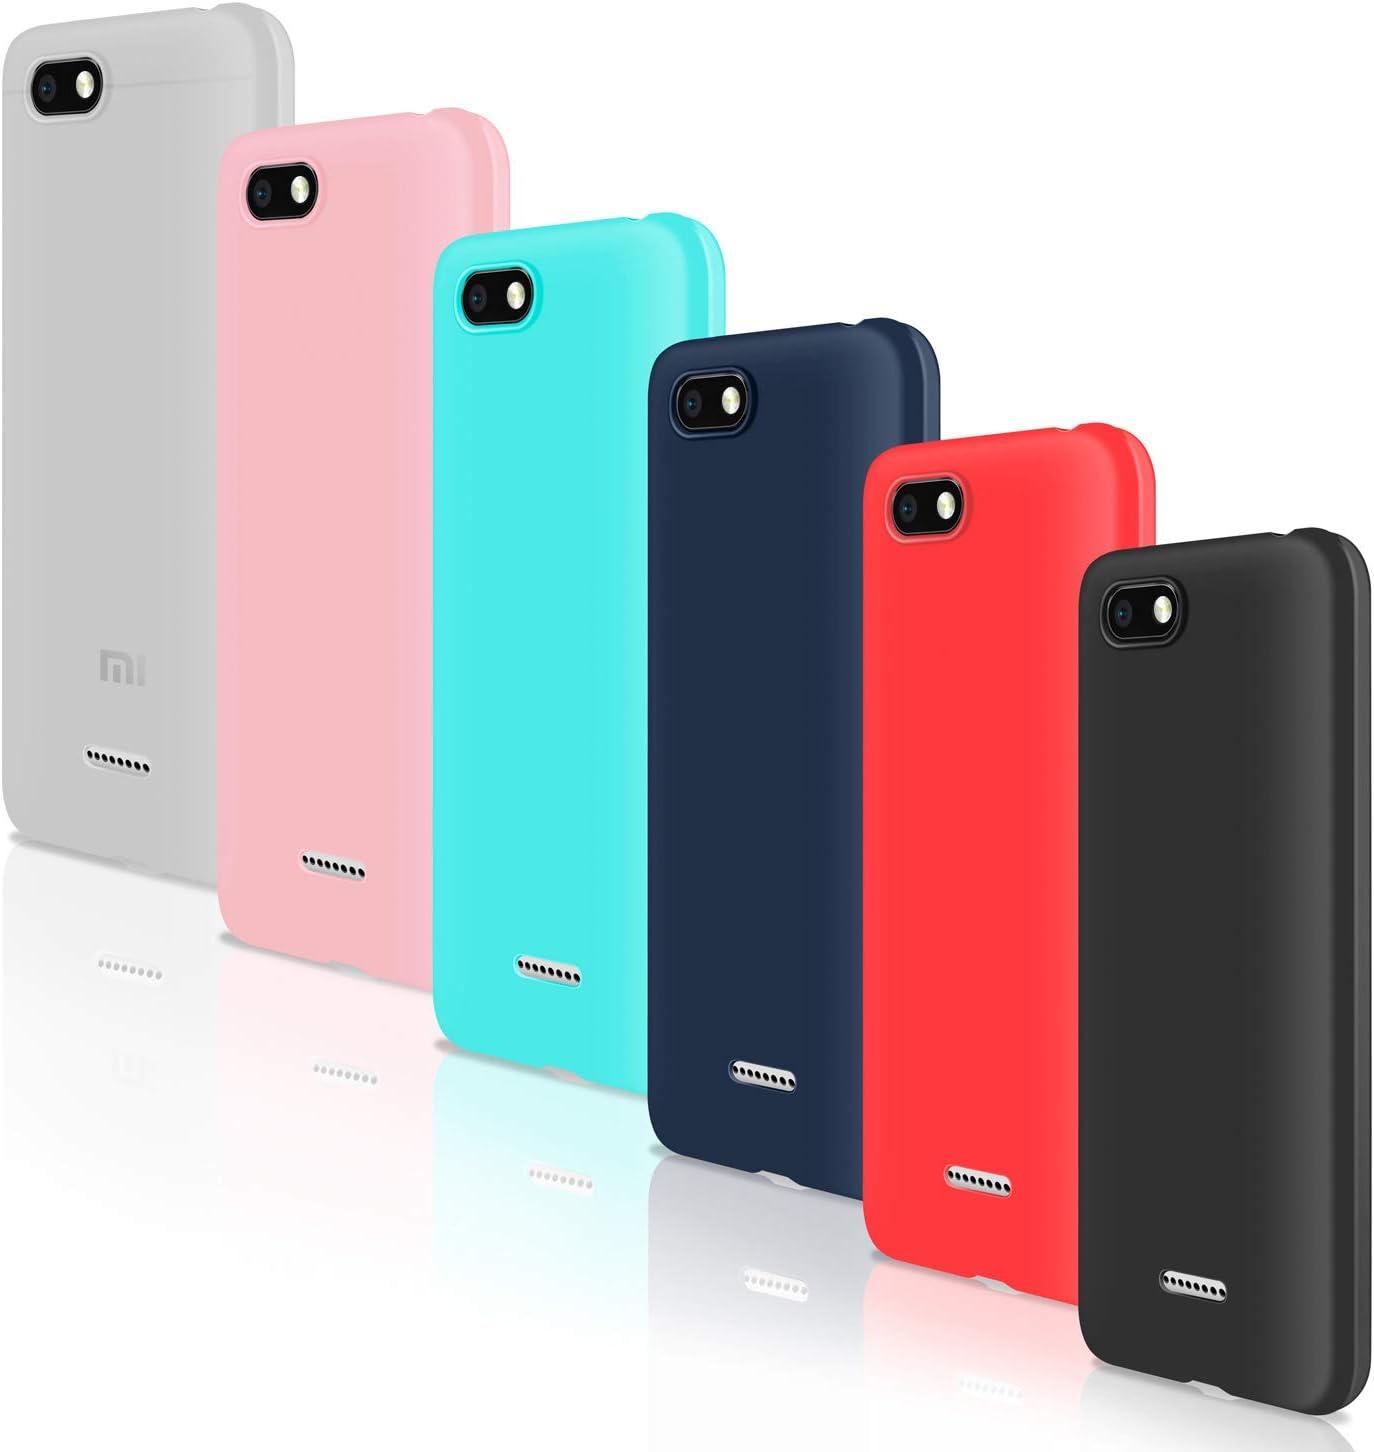 Leathlux [6 Packs Funda para Xiaomi Redmi 6A, Carcasas Colores Ultra Fina Silicona TPU Gel Protector Flexible Cover para Xiaomi Redmi 6A - 5.45